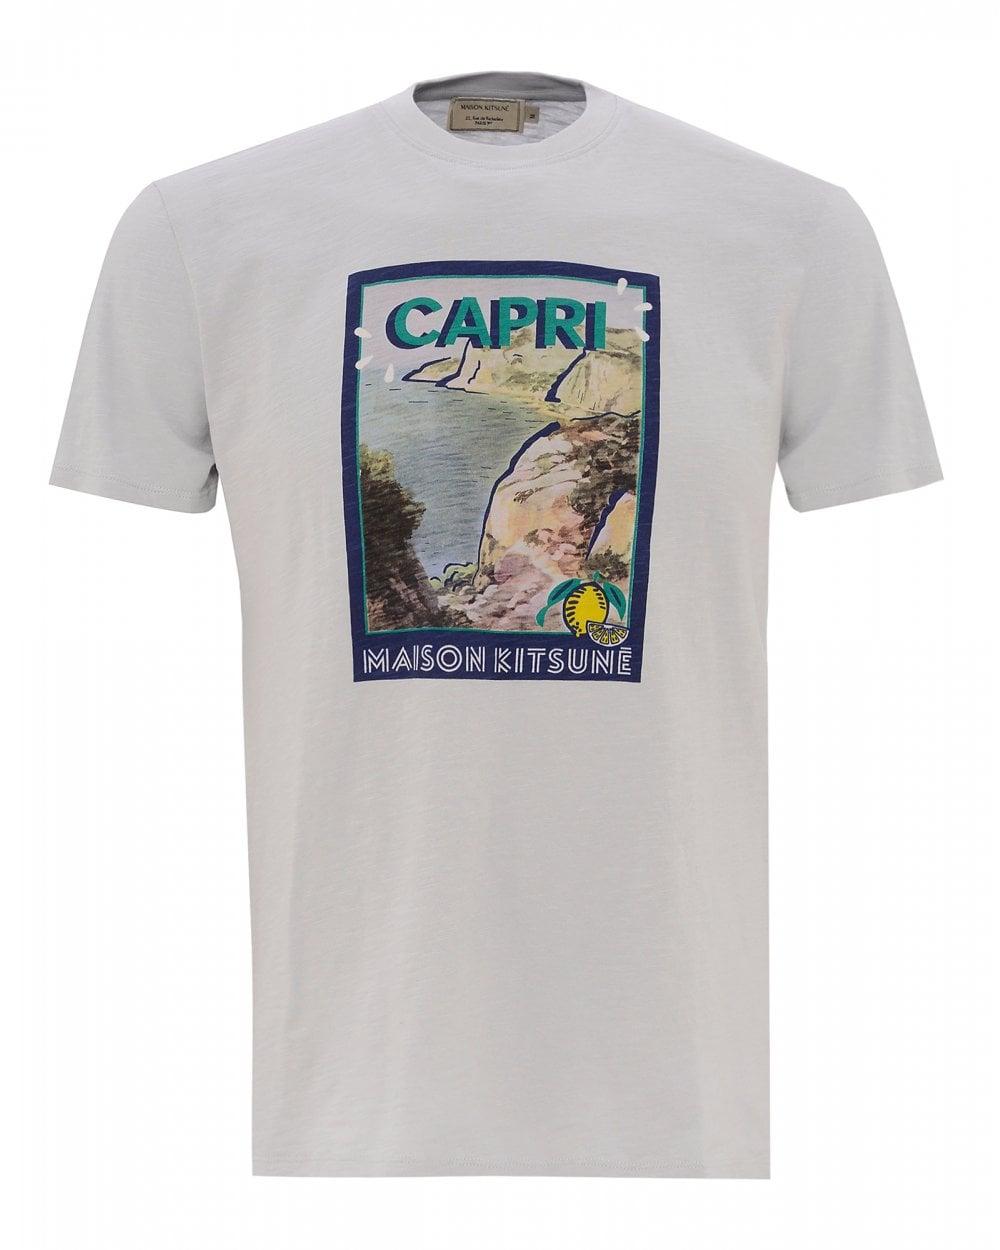 3c0a0a64566a Maison Kitsuné Mens Printed Capri Graphic T-Shirt, Grey Tee